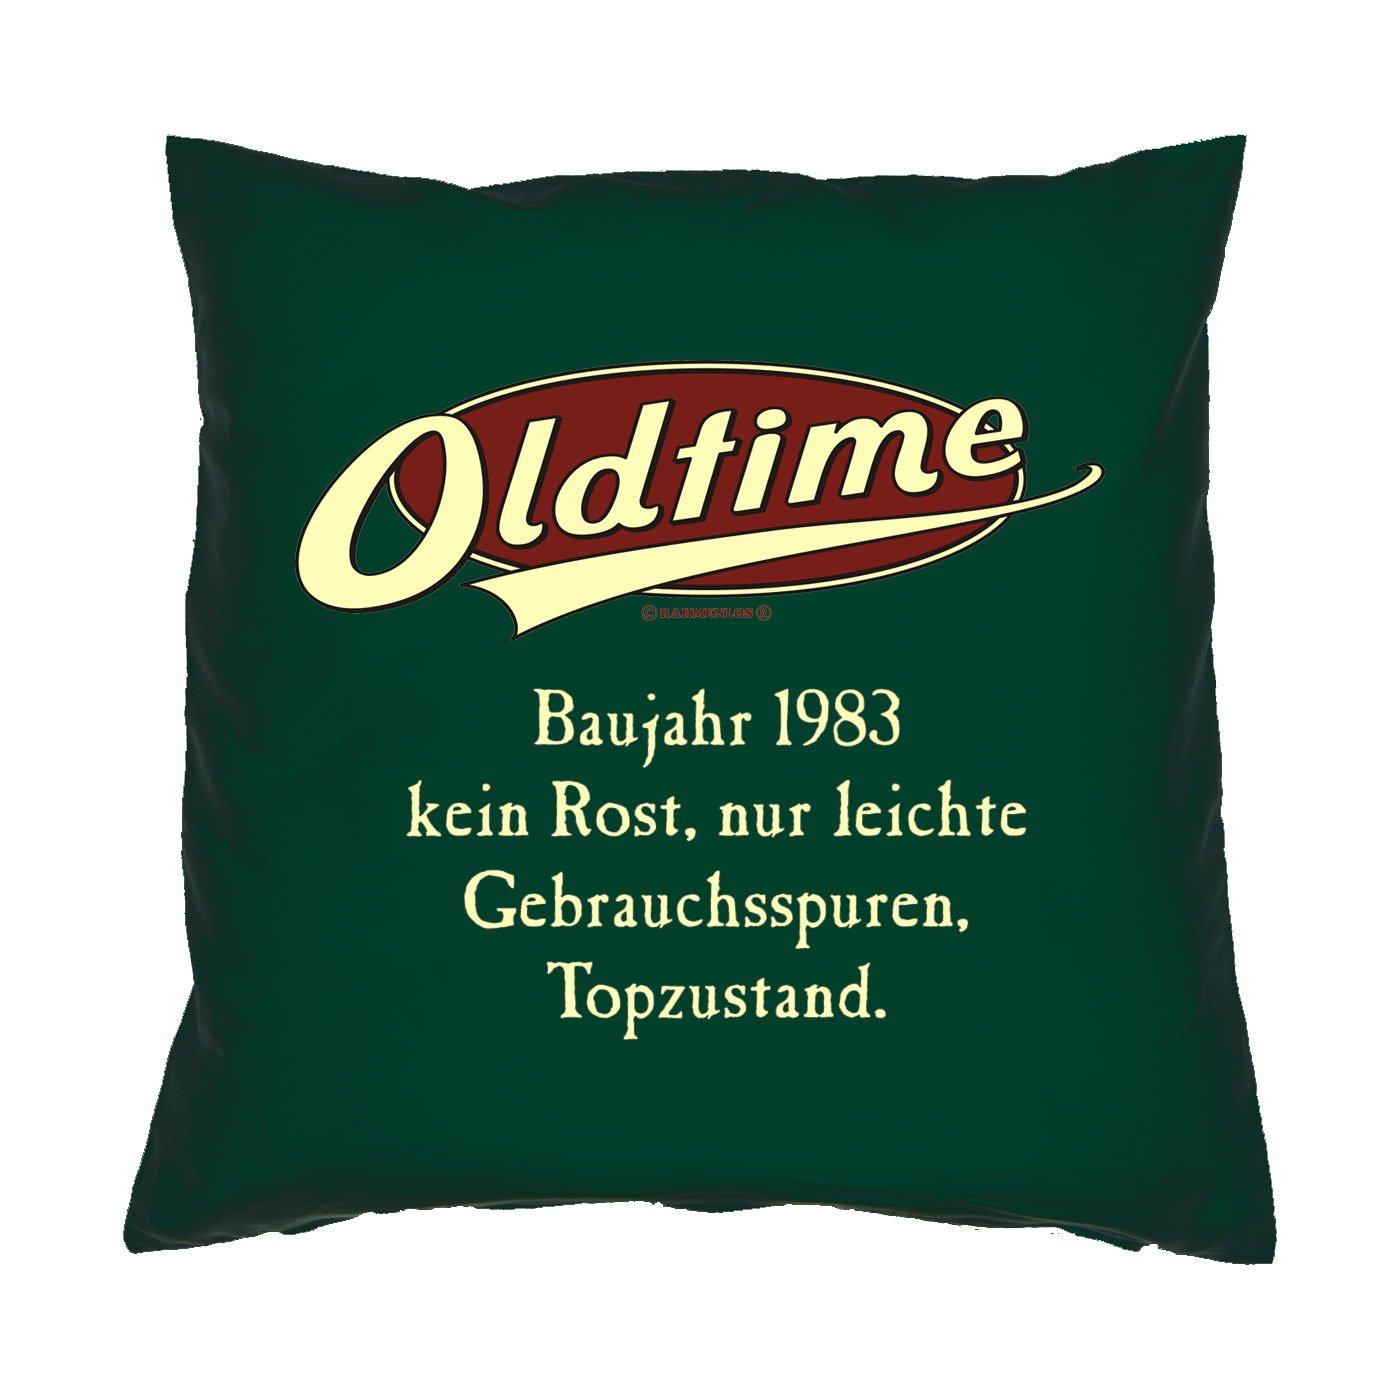 Kissen mit Innenkissen – OLDTIMER BAUJAHR 1983 – kein Rost, nur leichte Gebrauchsspuren, Topzustand. – zum 30. Geburtstag Geschenk – 40 x 40 cm – in dunkel-grün bestellen